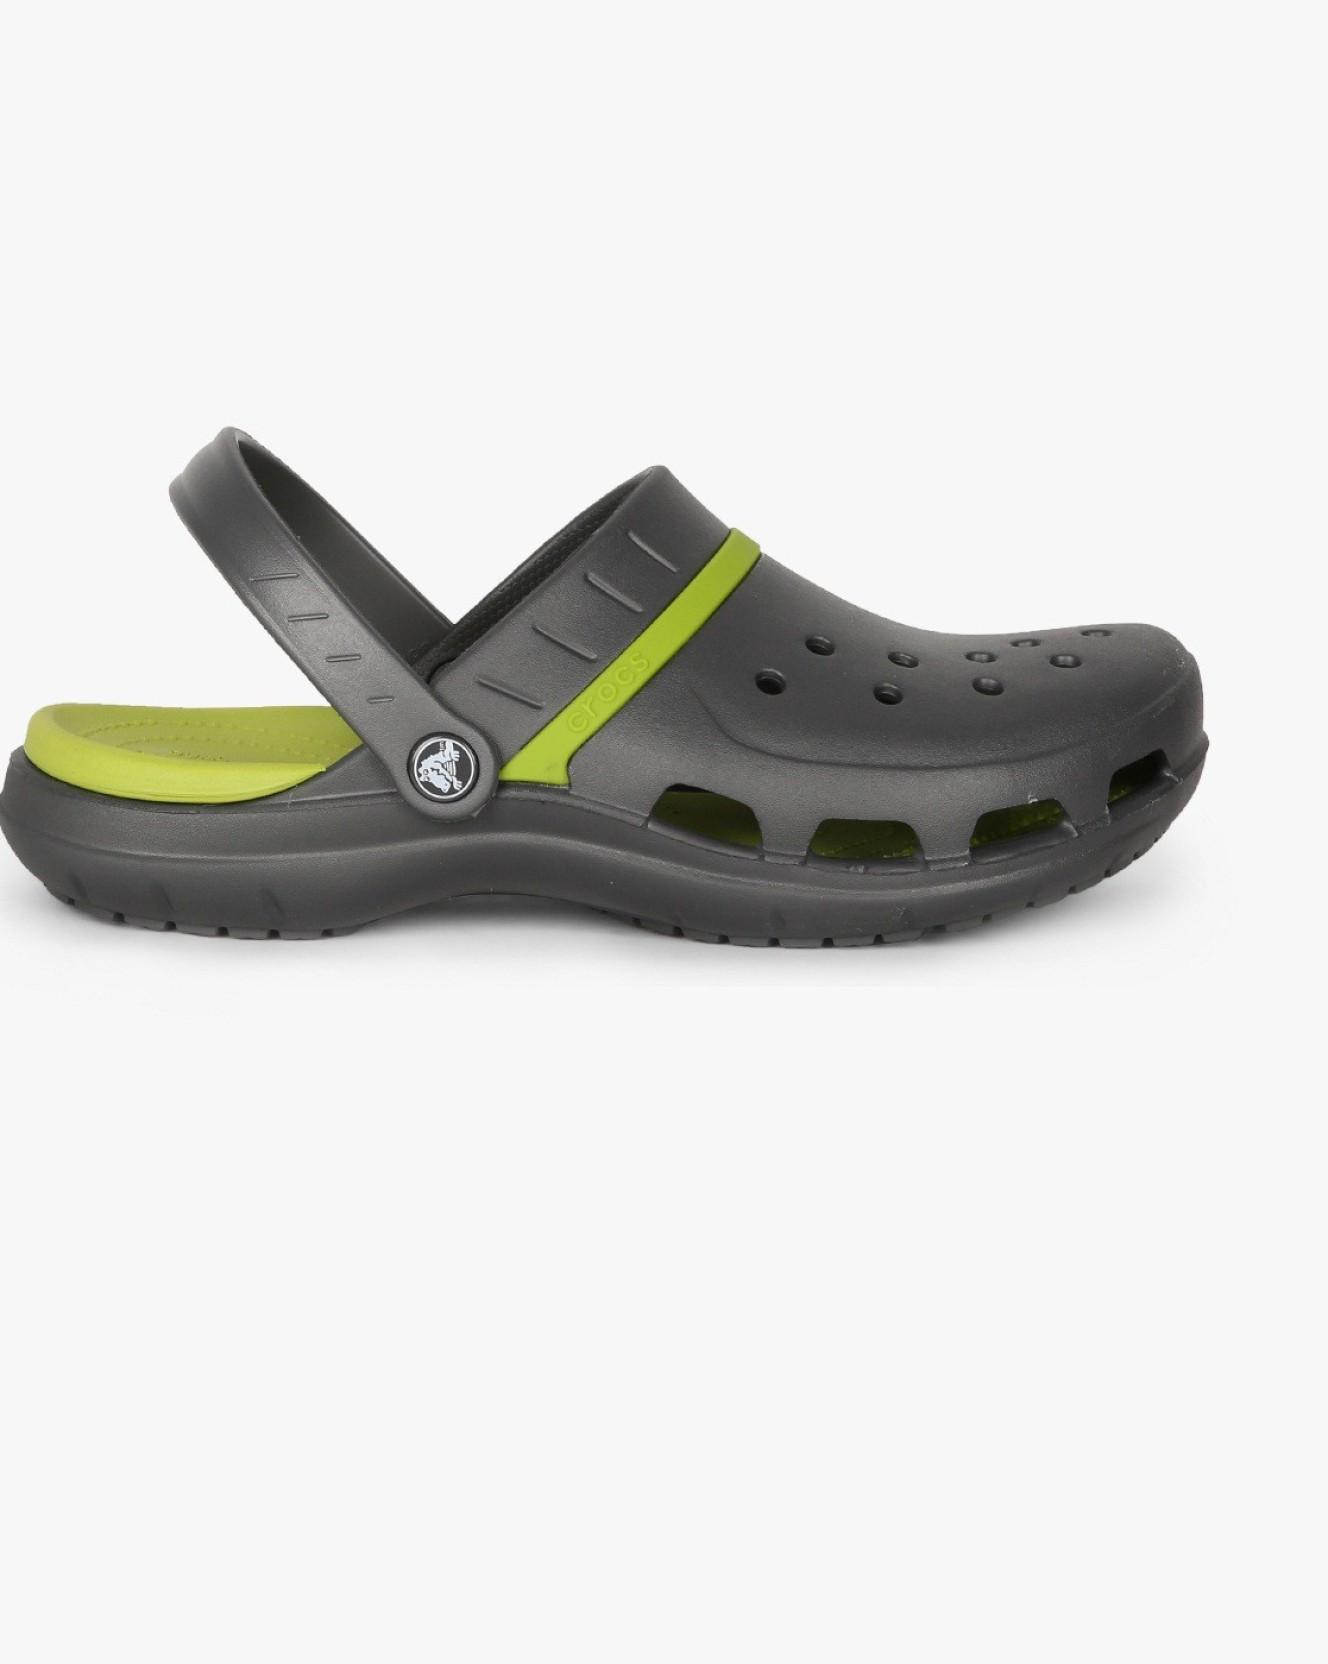 51e6c6dbb Crocs Men Graphite Volt Green Sandals - Buy Crocs Men Graphite Volt ...